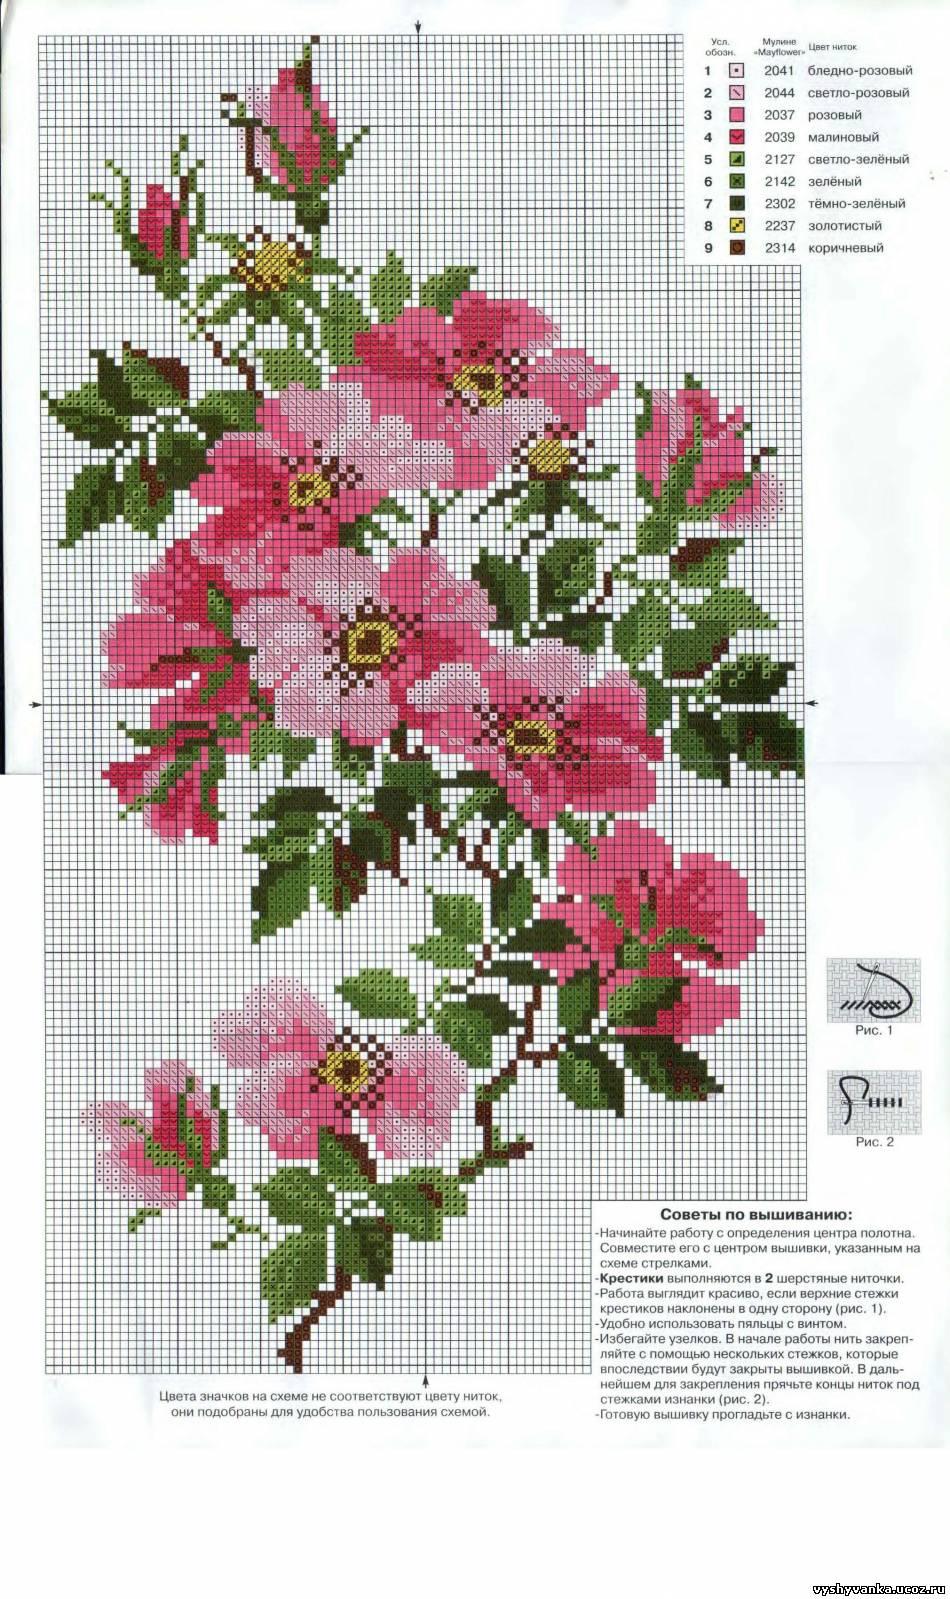 Вышивка крестом картинки маленькие цветы 8